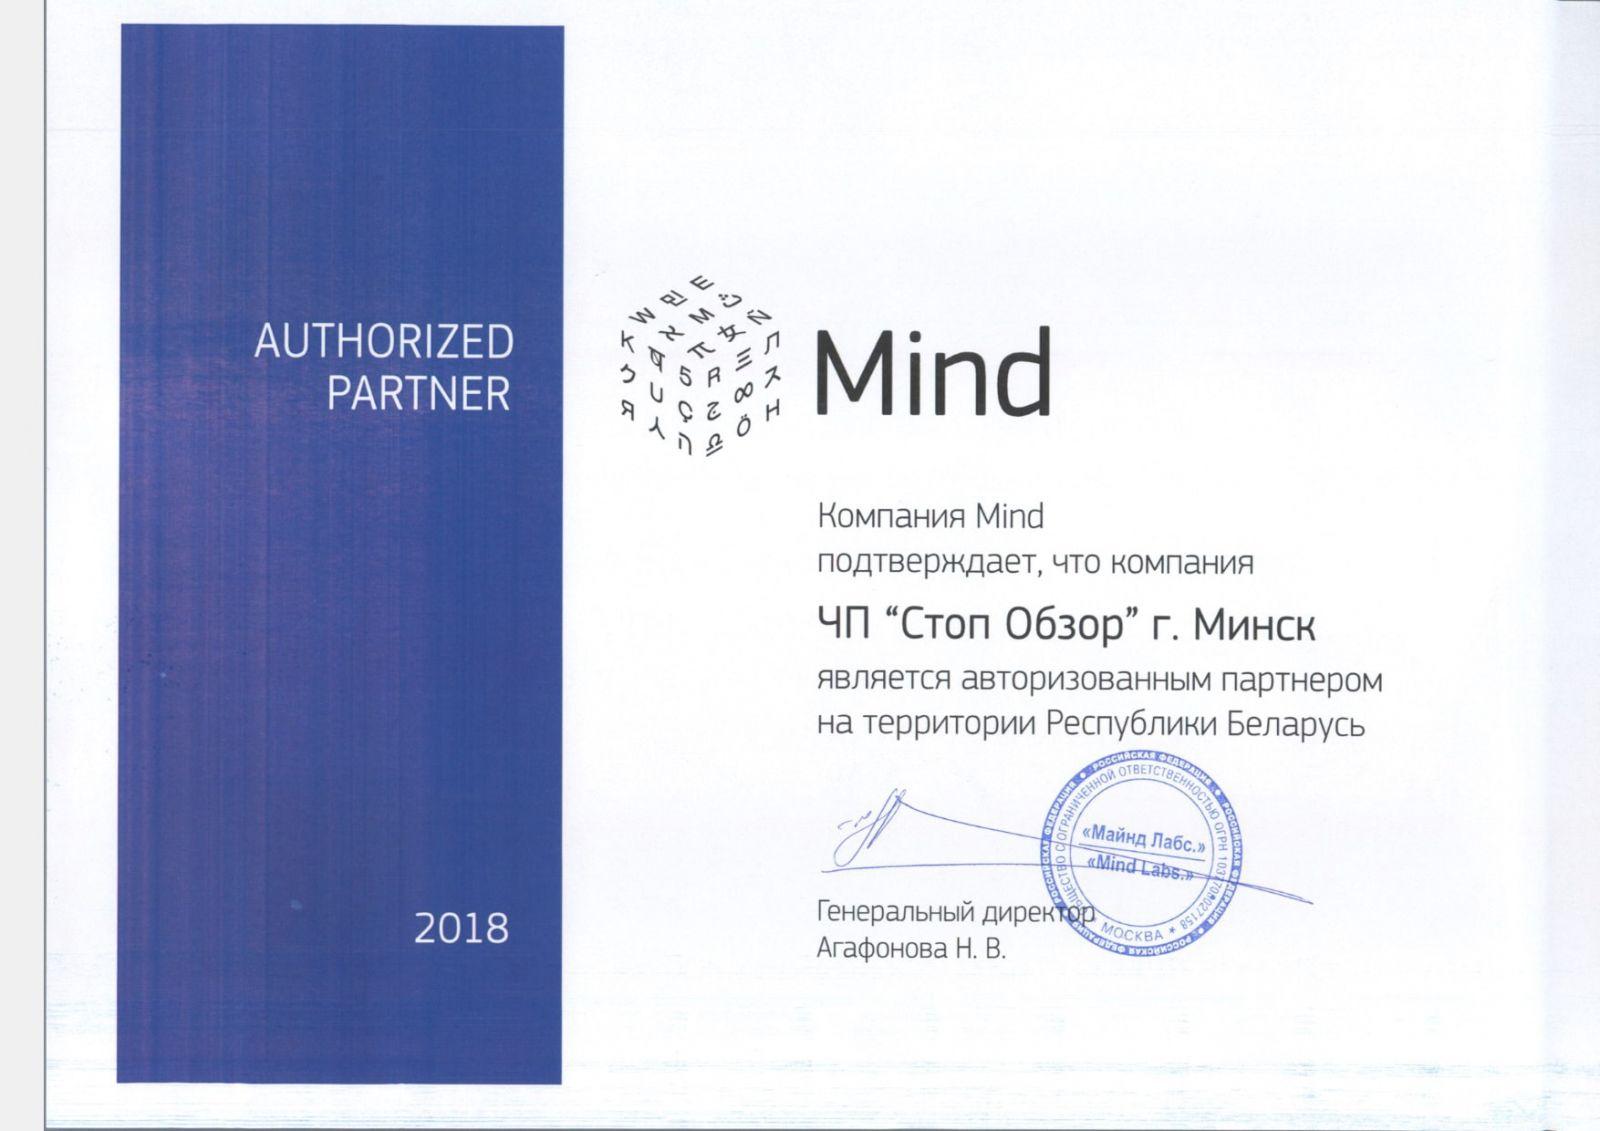 Официальный представитель Mind Беларусь